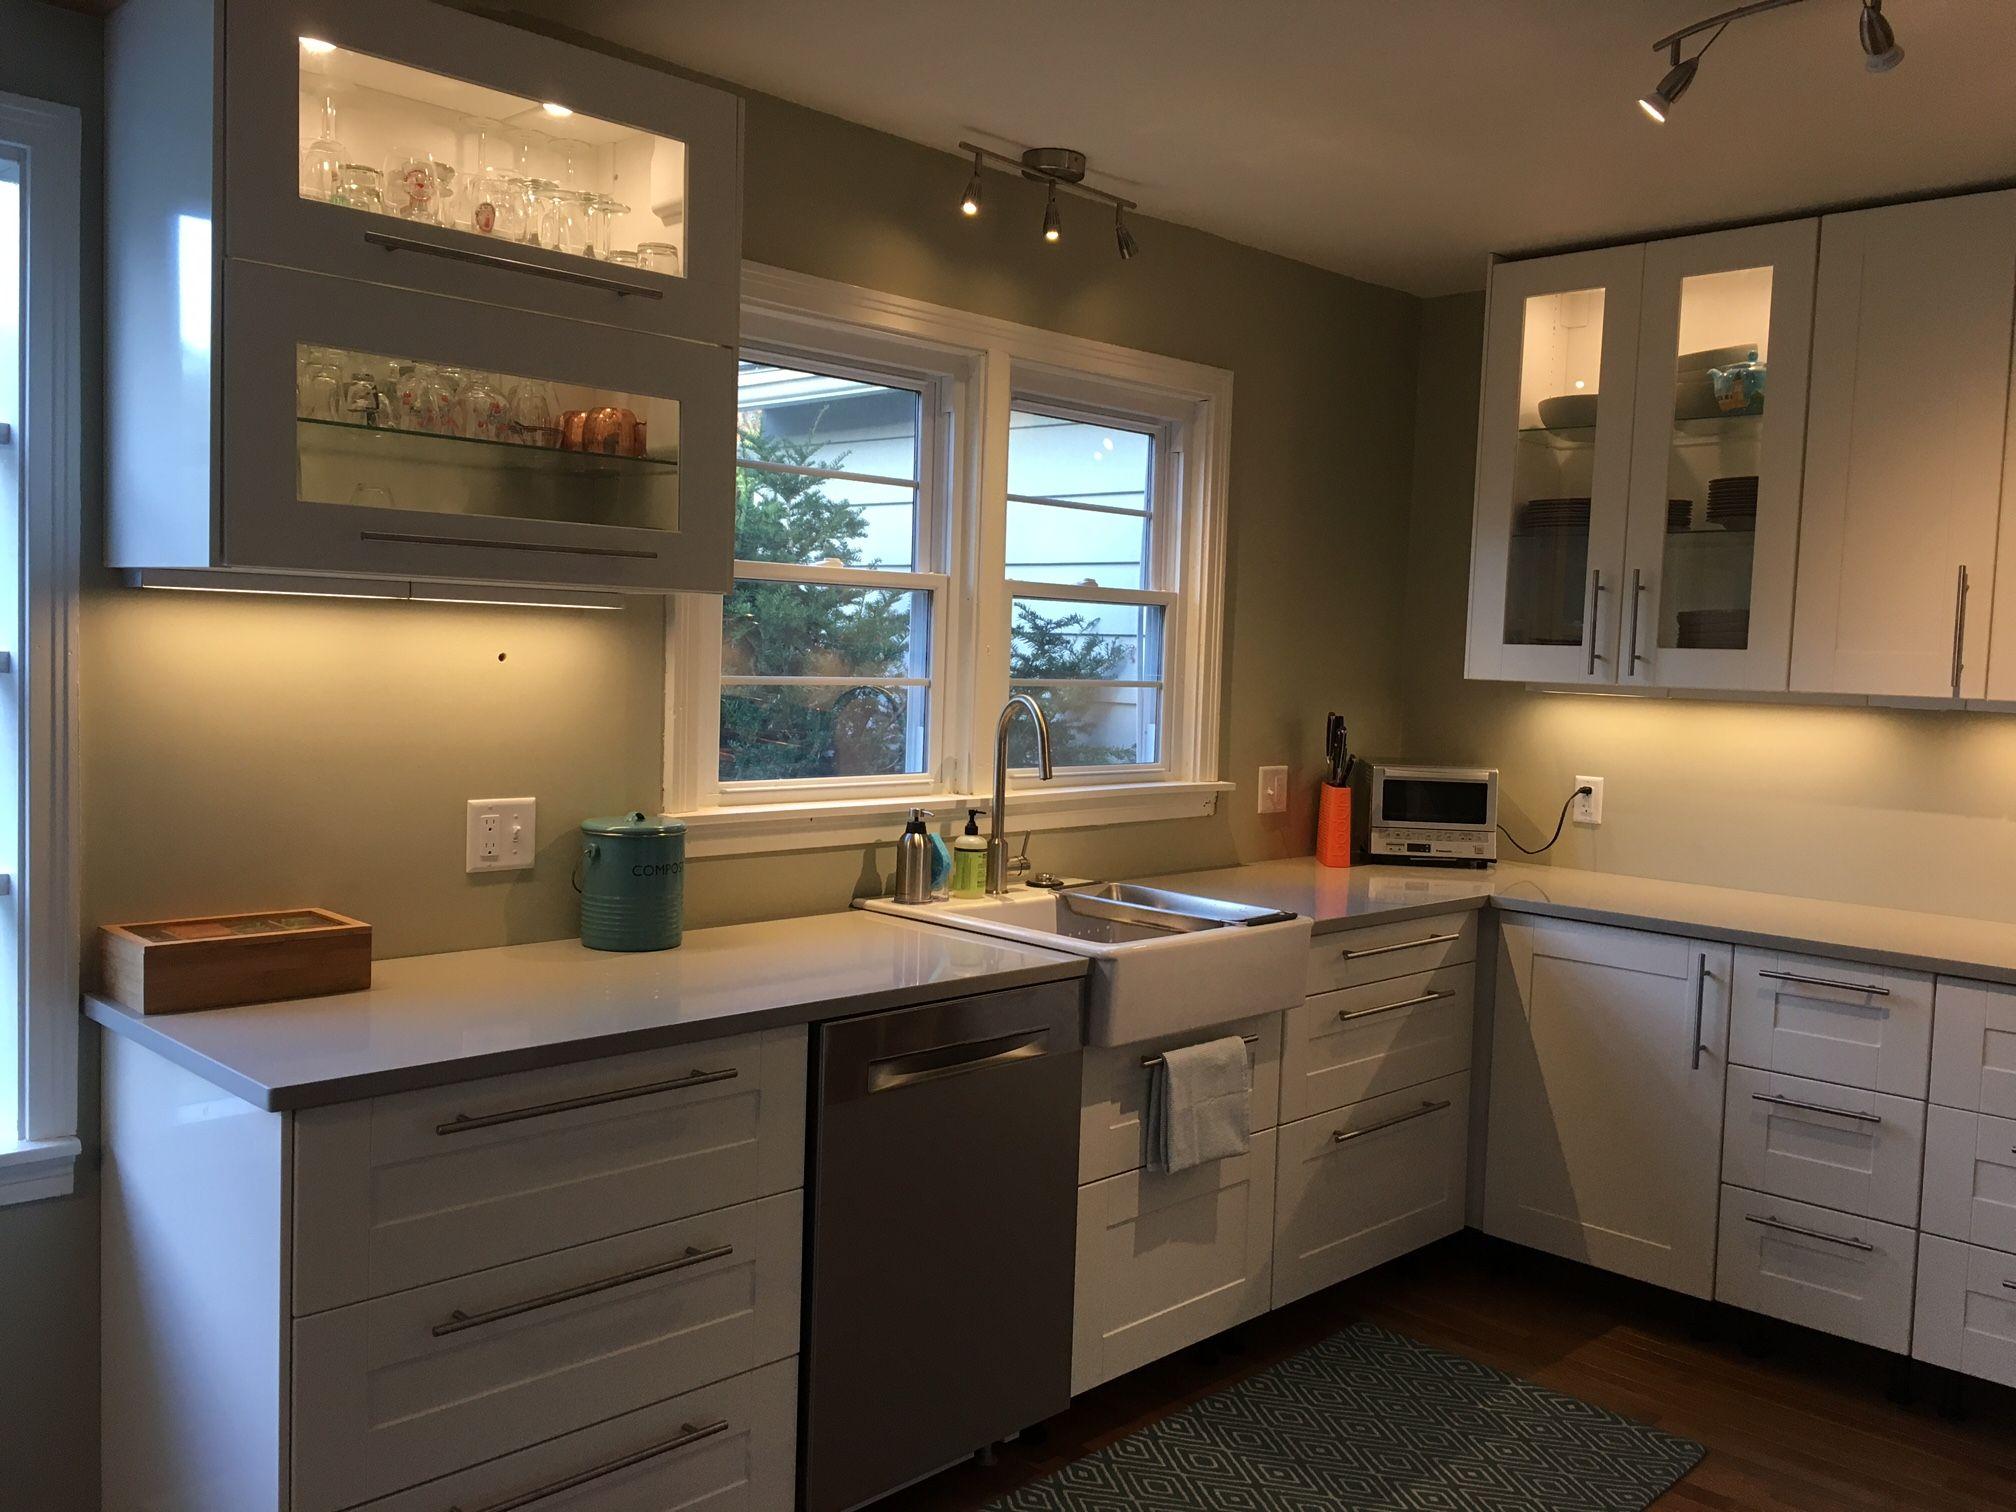 Best Grimslov Dishwasher Panel Google Search Modern Kitchen 640 x 480